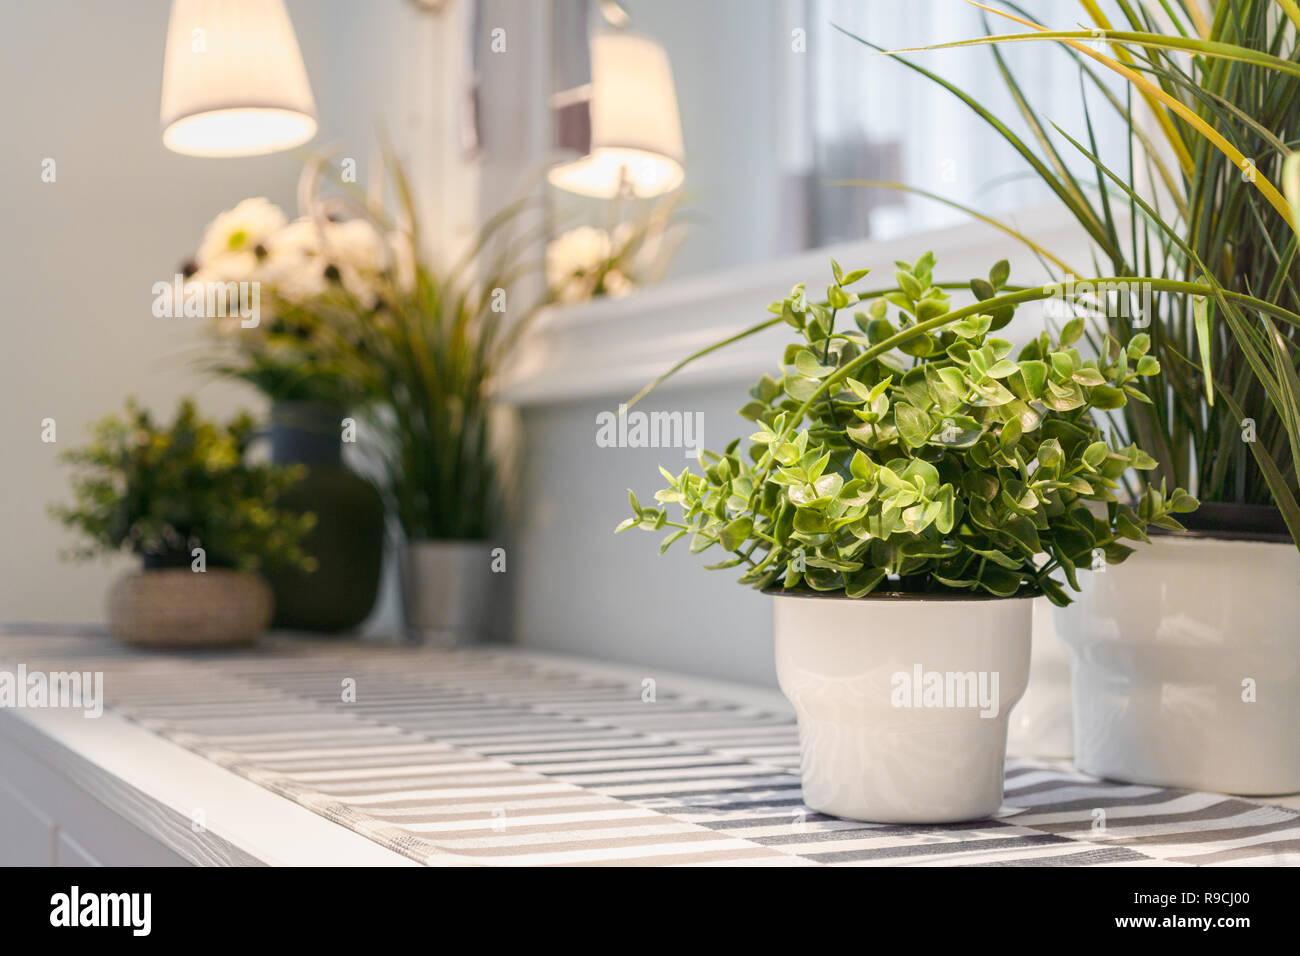 Kunstliche Blumen Vase Dekoration Im Modernen Wohnzimmer Detaillierte Der Modernen Wohnzimmer Innenausbau Mit Kunstlichen Pflanzen In Blumentopfen Stockfotografie Alamy